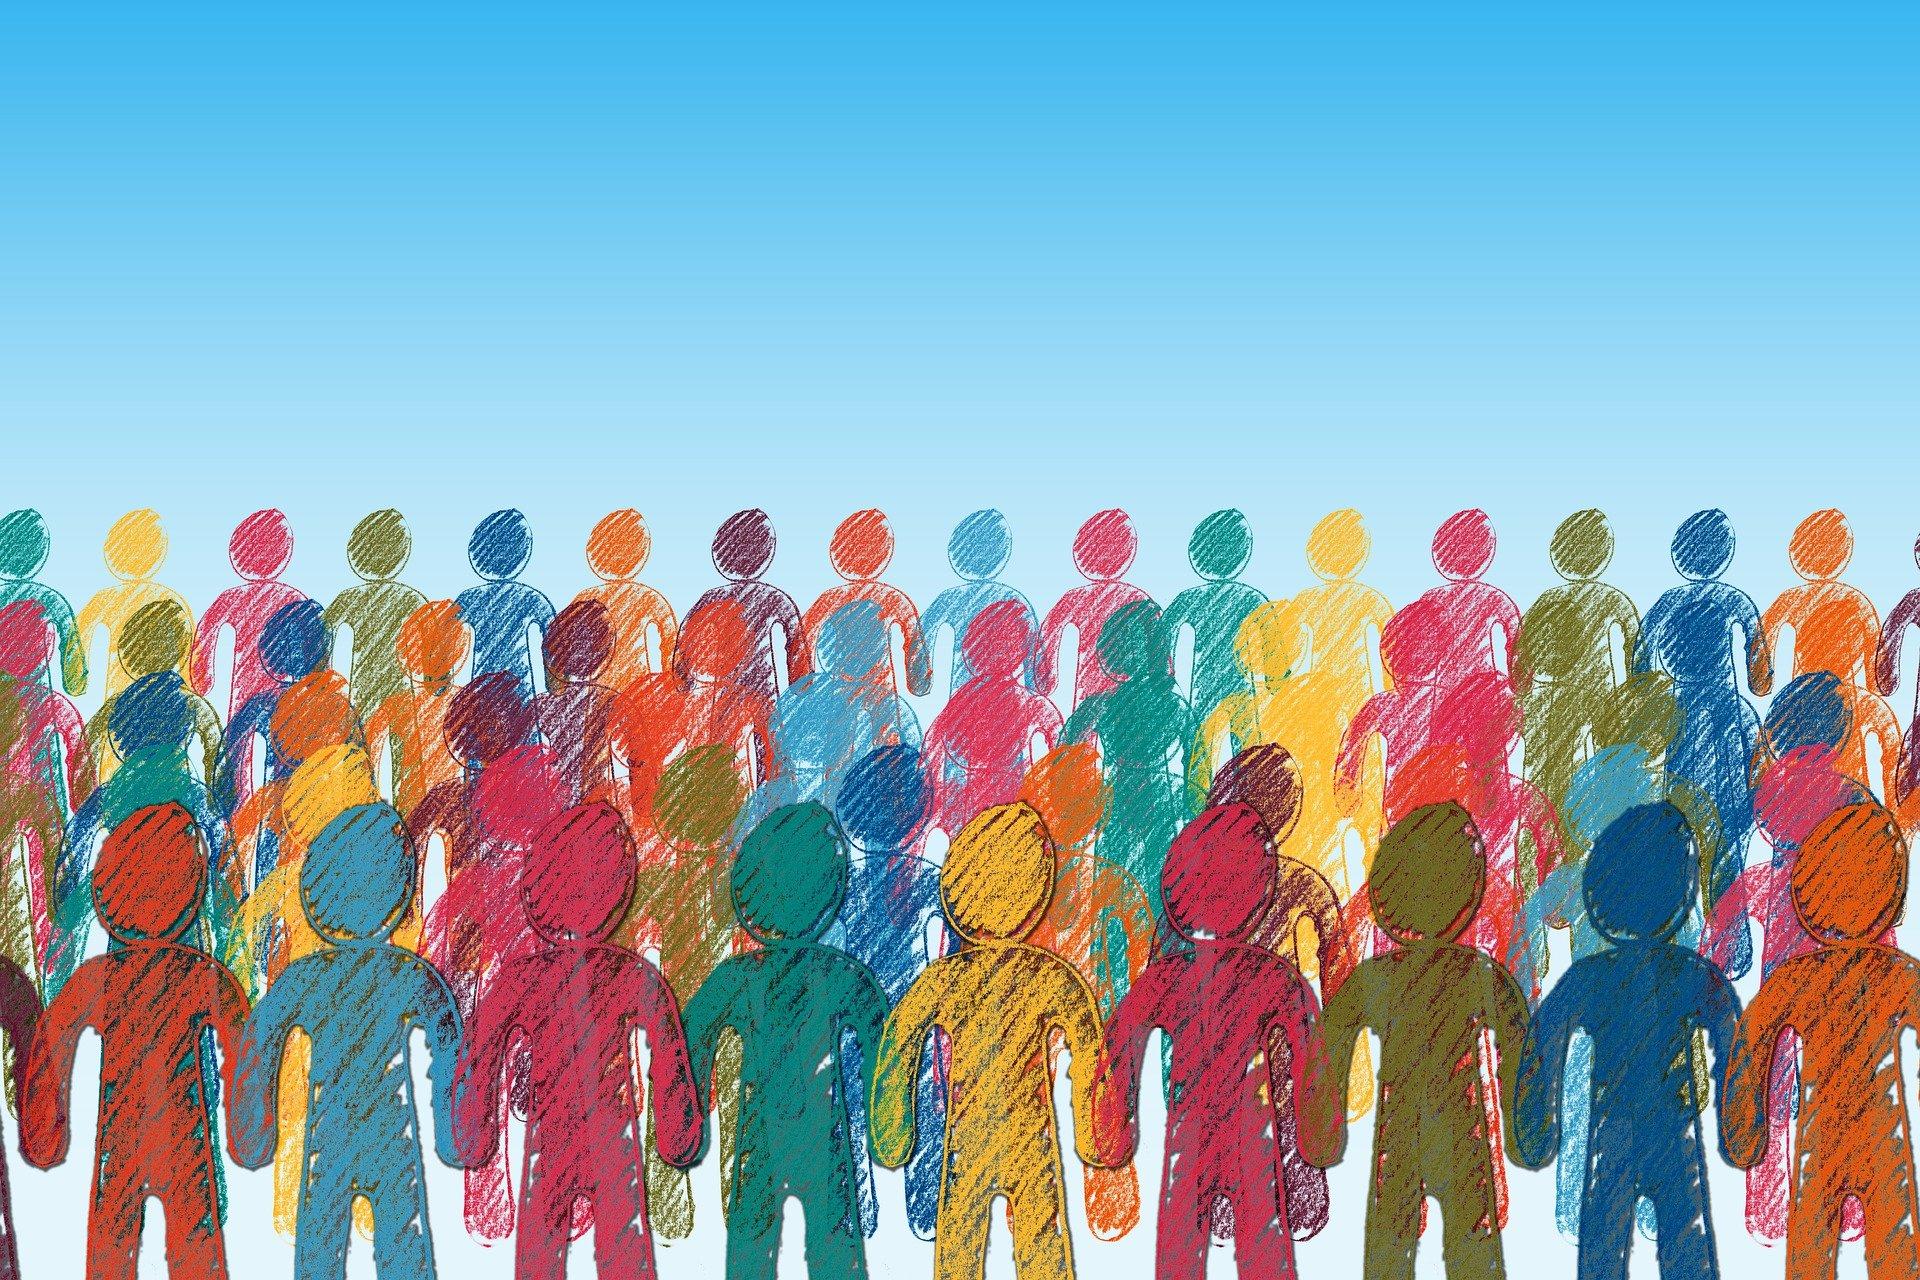 Mehrere Reihen von Menschen durchgehend von links nach rechts. Die Reihen stehen hintereinander. Die Menschen sind nur grob gezeichnet in ganz bunten Farben und ausgemalt. Dieses Bild soll für die Kultur- und Sozialwissenschaften stehen.